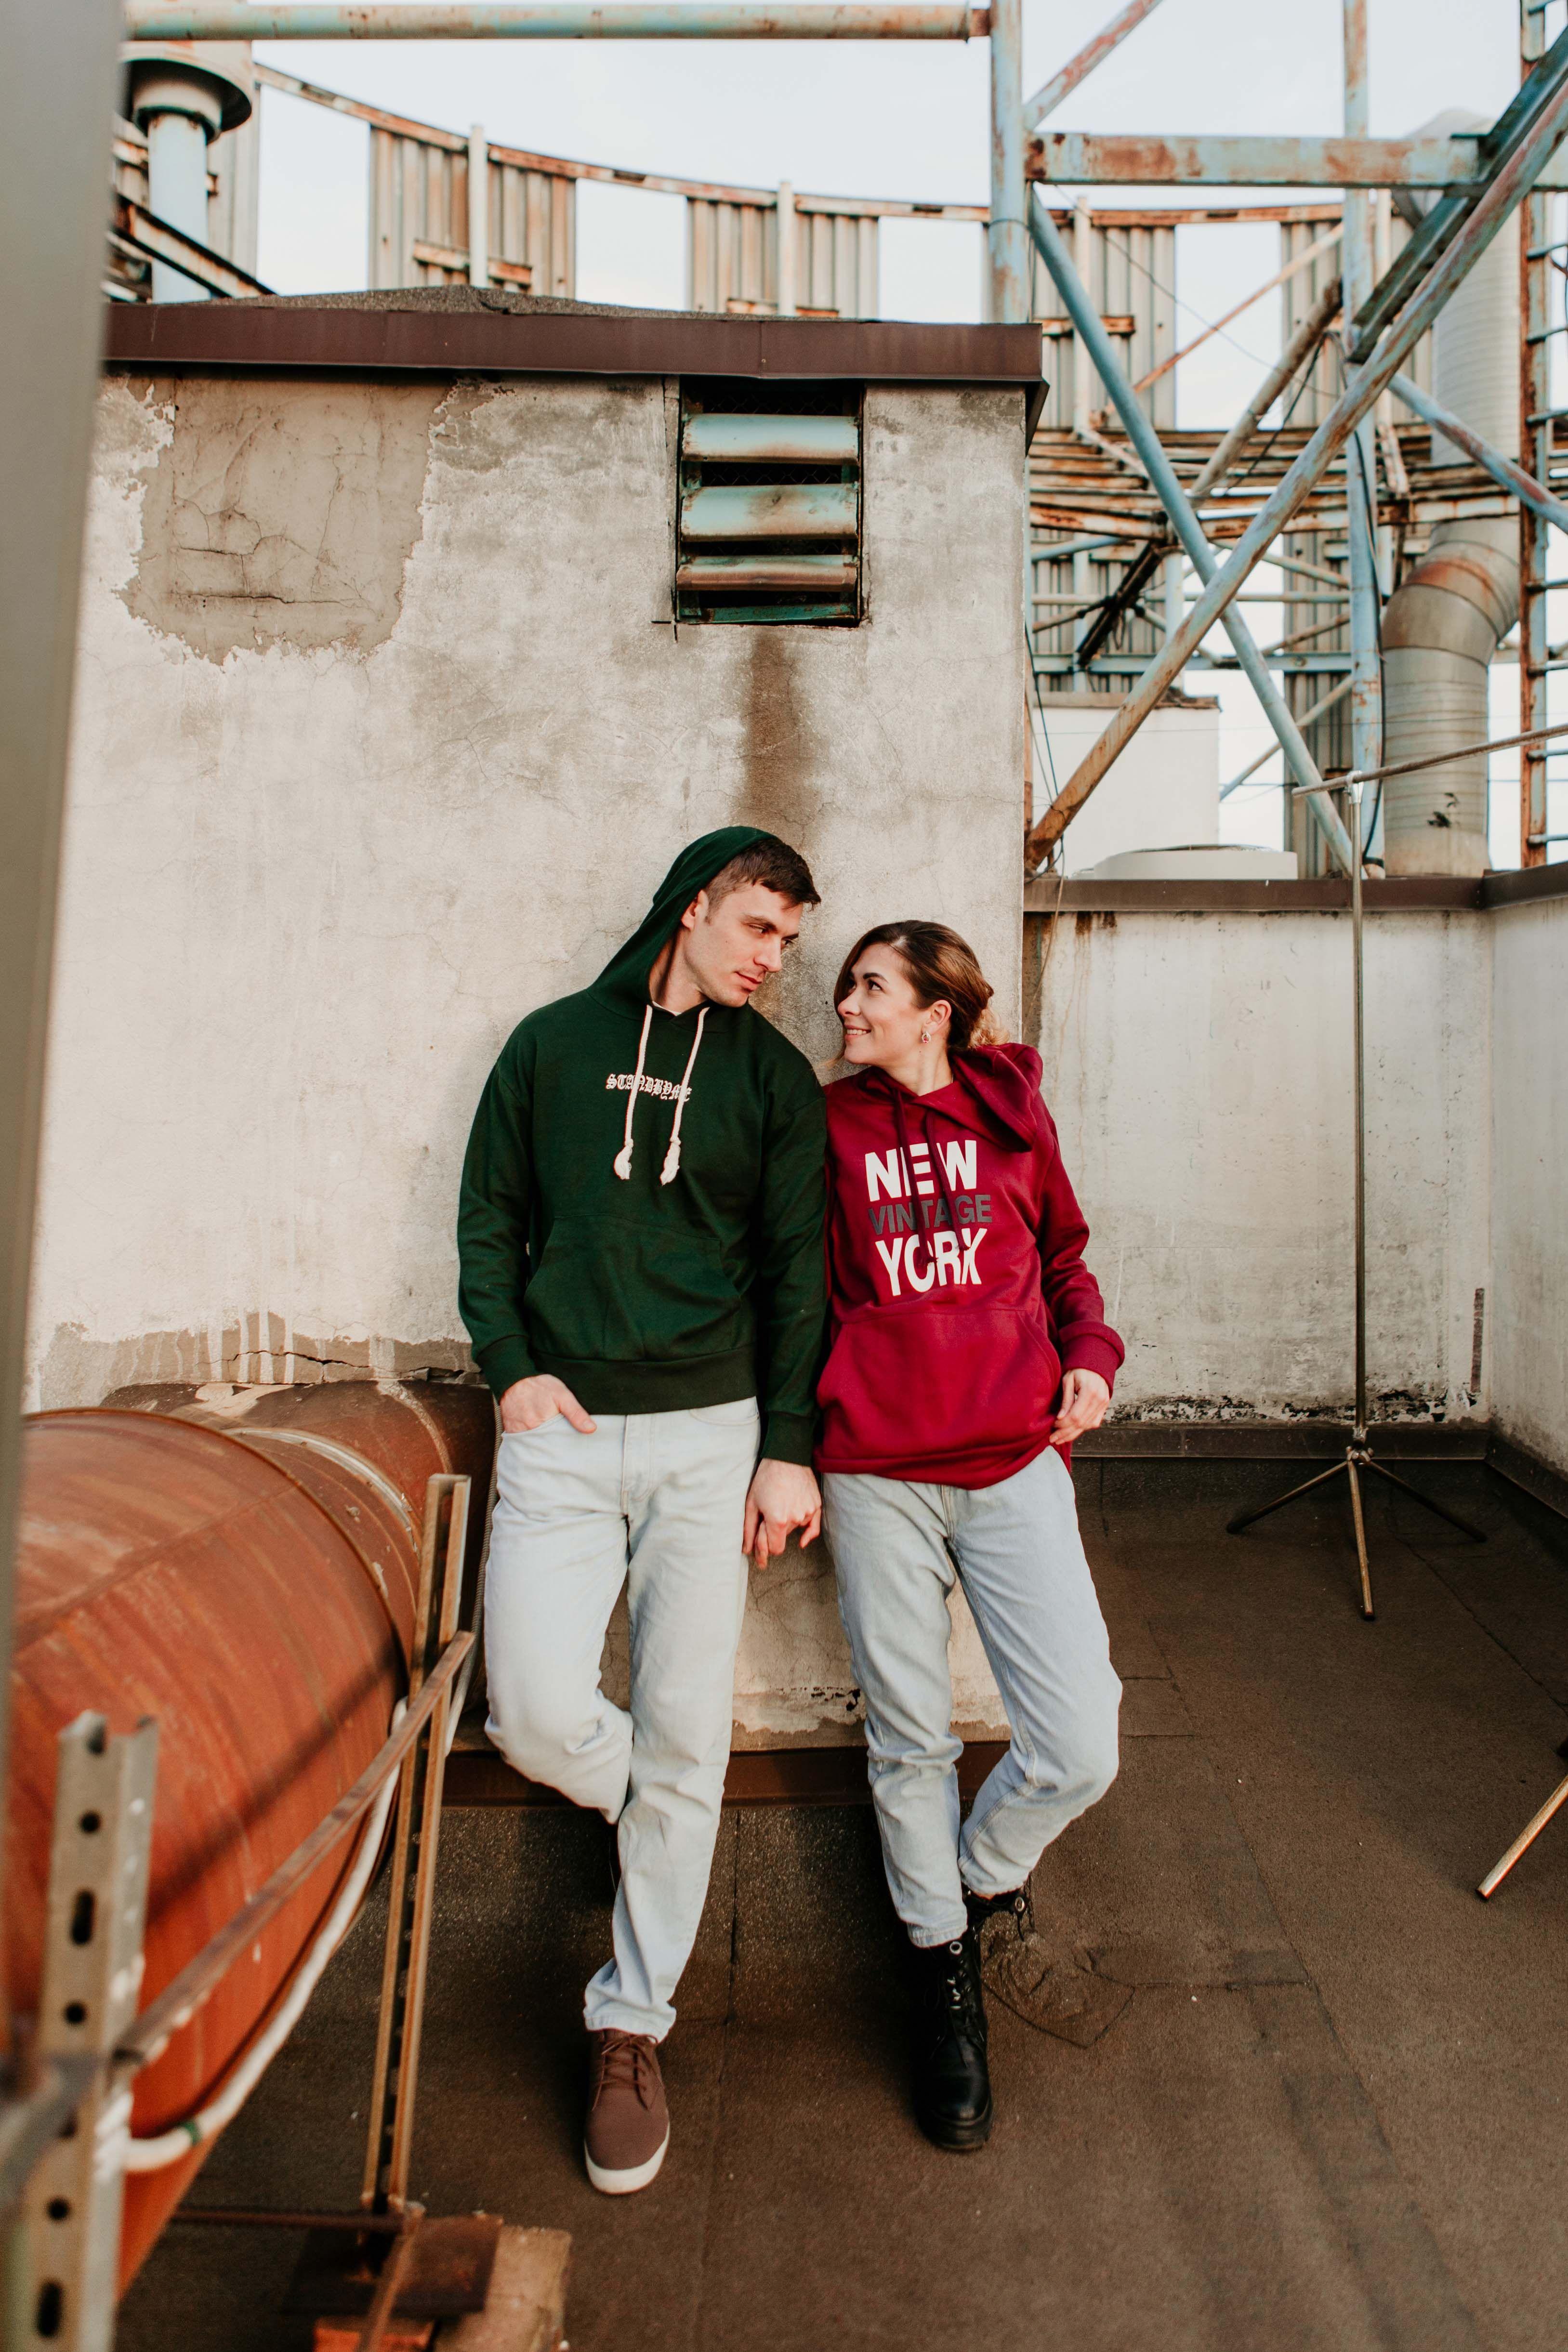 Love Story Fotosessiya Na Kryshe Fotosessiya Dlya Pary Na Ulice Love Story Photography Ideas On The Roof Couple V 2020 G Parnye Fotosessii Fotosessiya Dlya Pary Fotosessiya